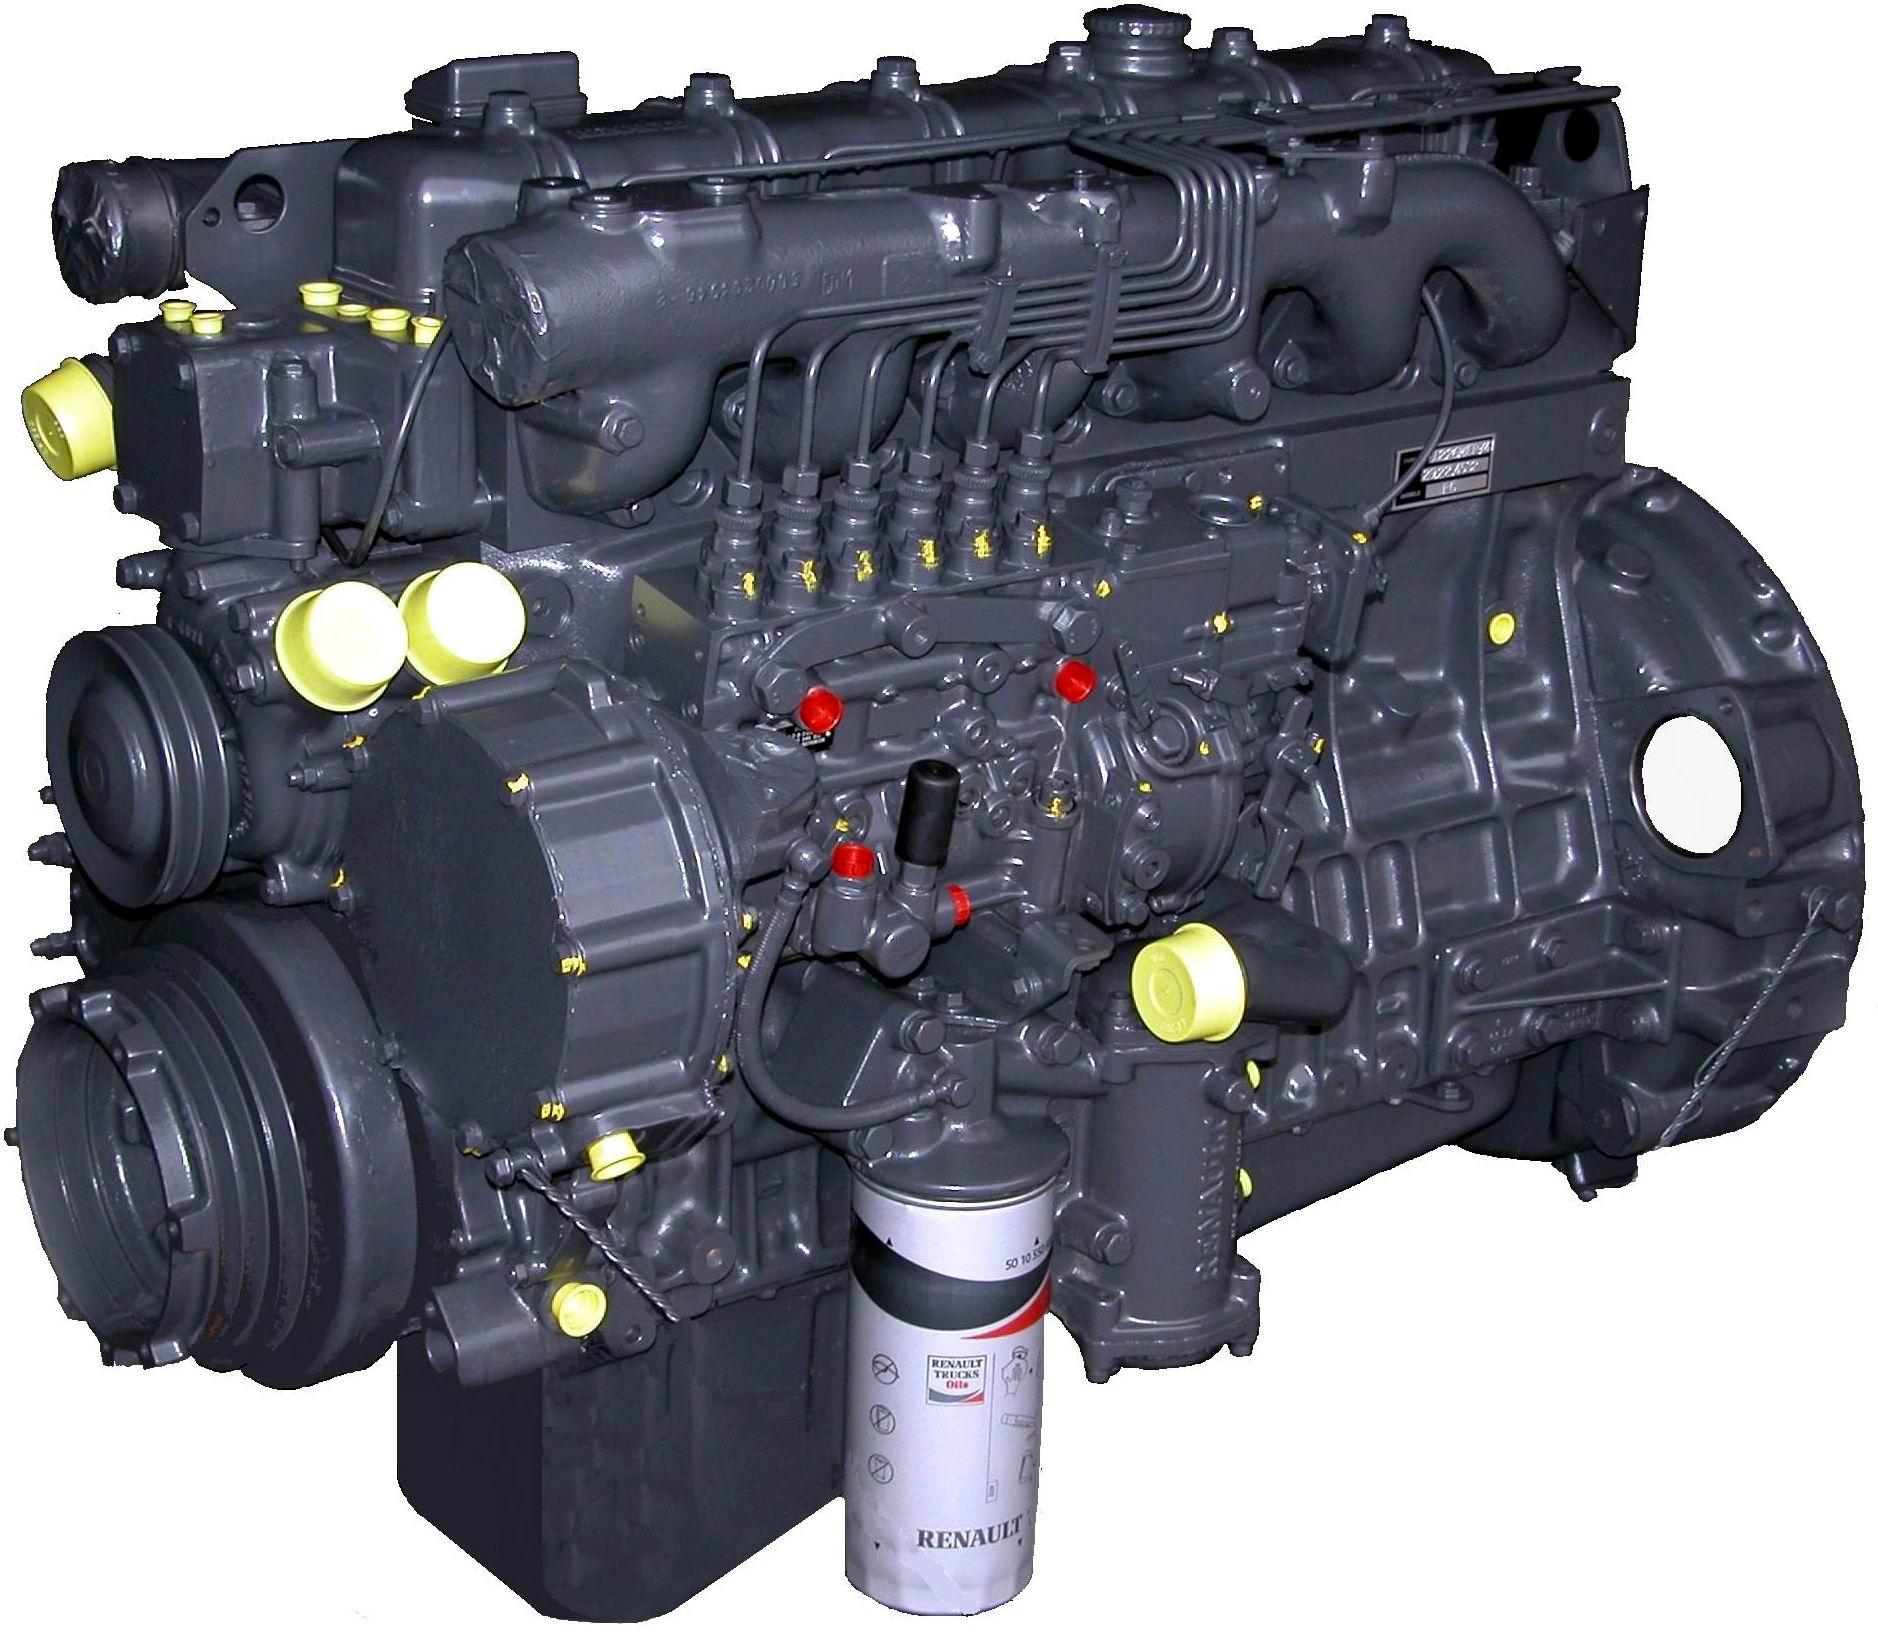 Moteur RENAULT - 623.56 MIDR A41-B41